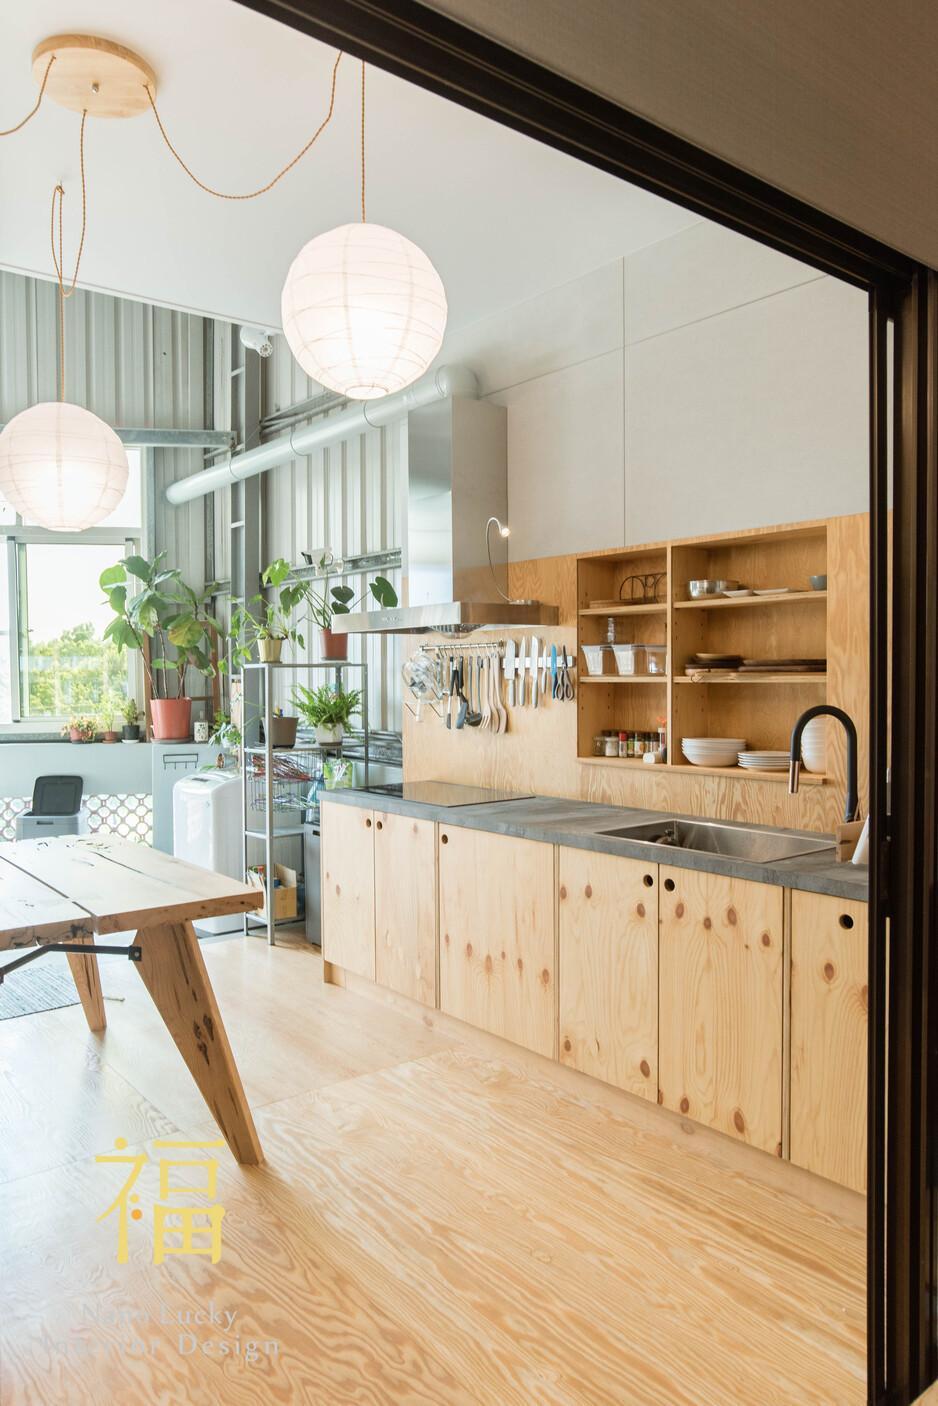 Nanolucky小福砌空間設計-小福砌-透天住宅設計-日系無印風-植栽設置